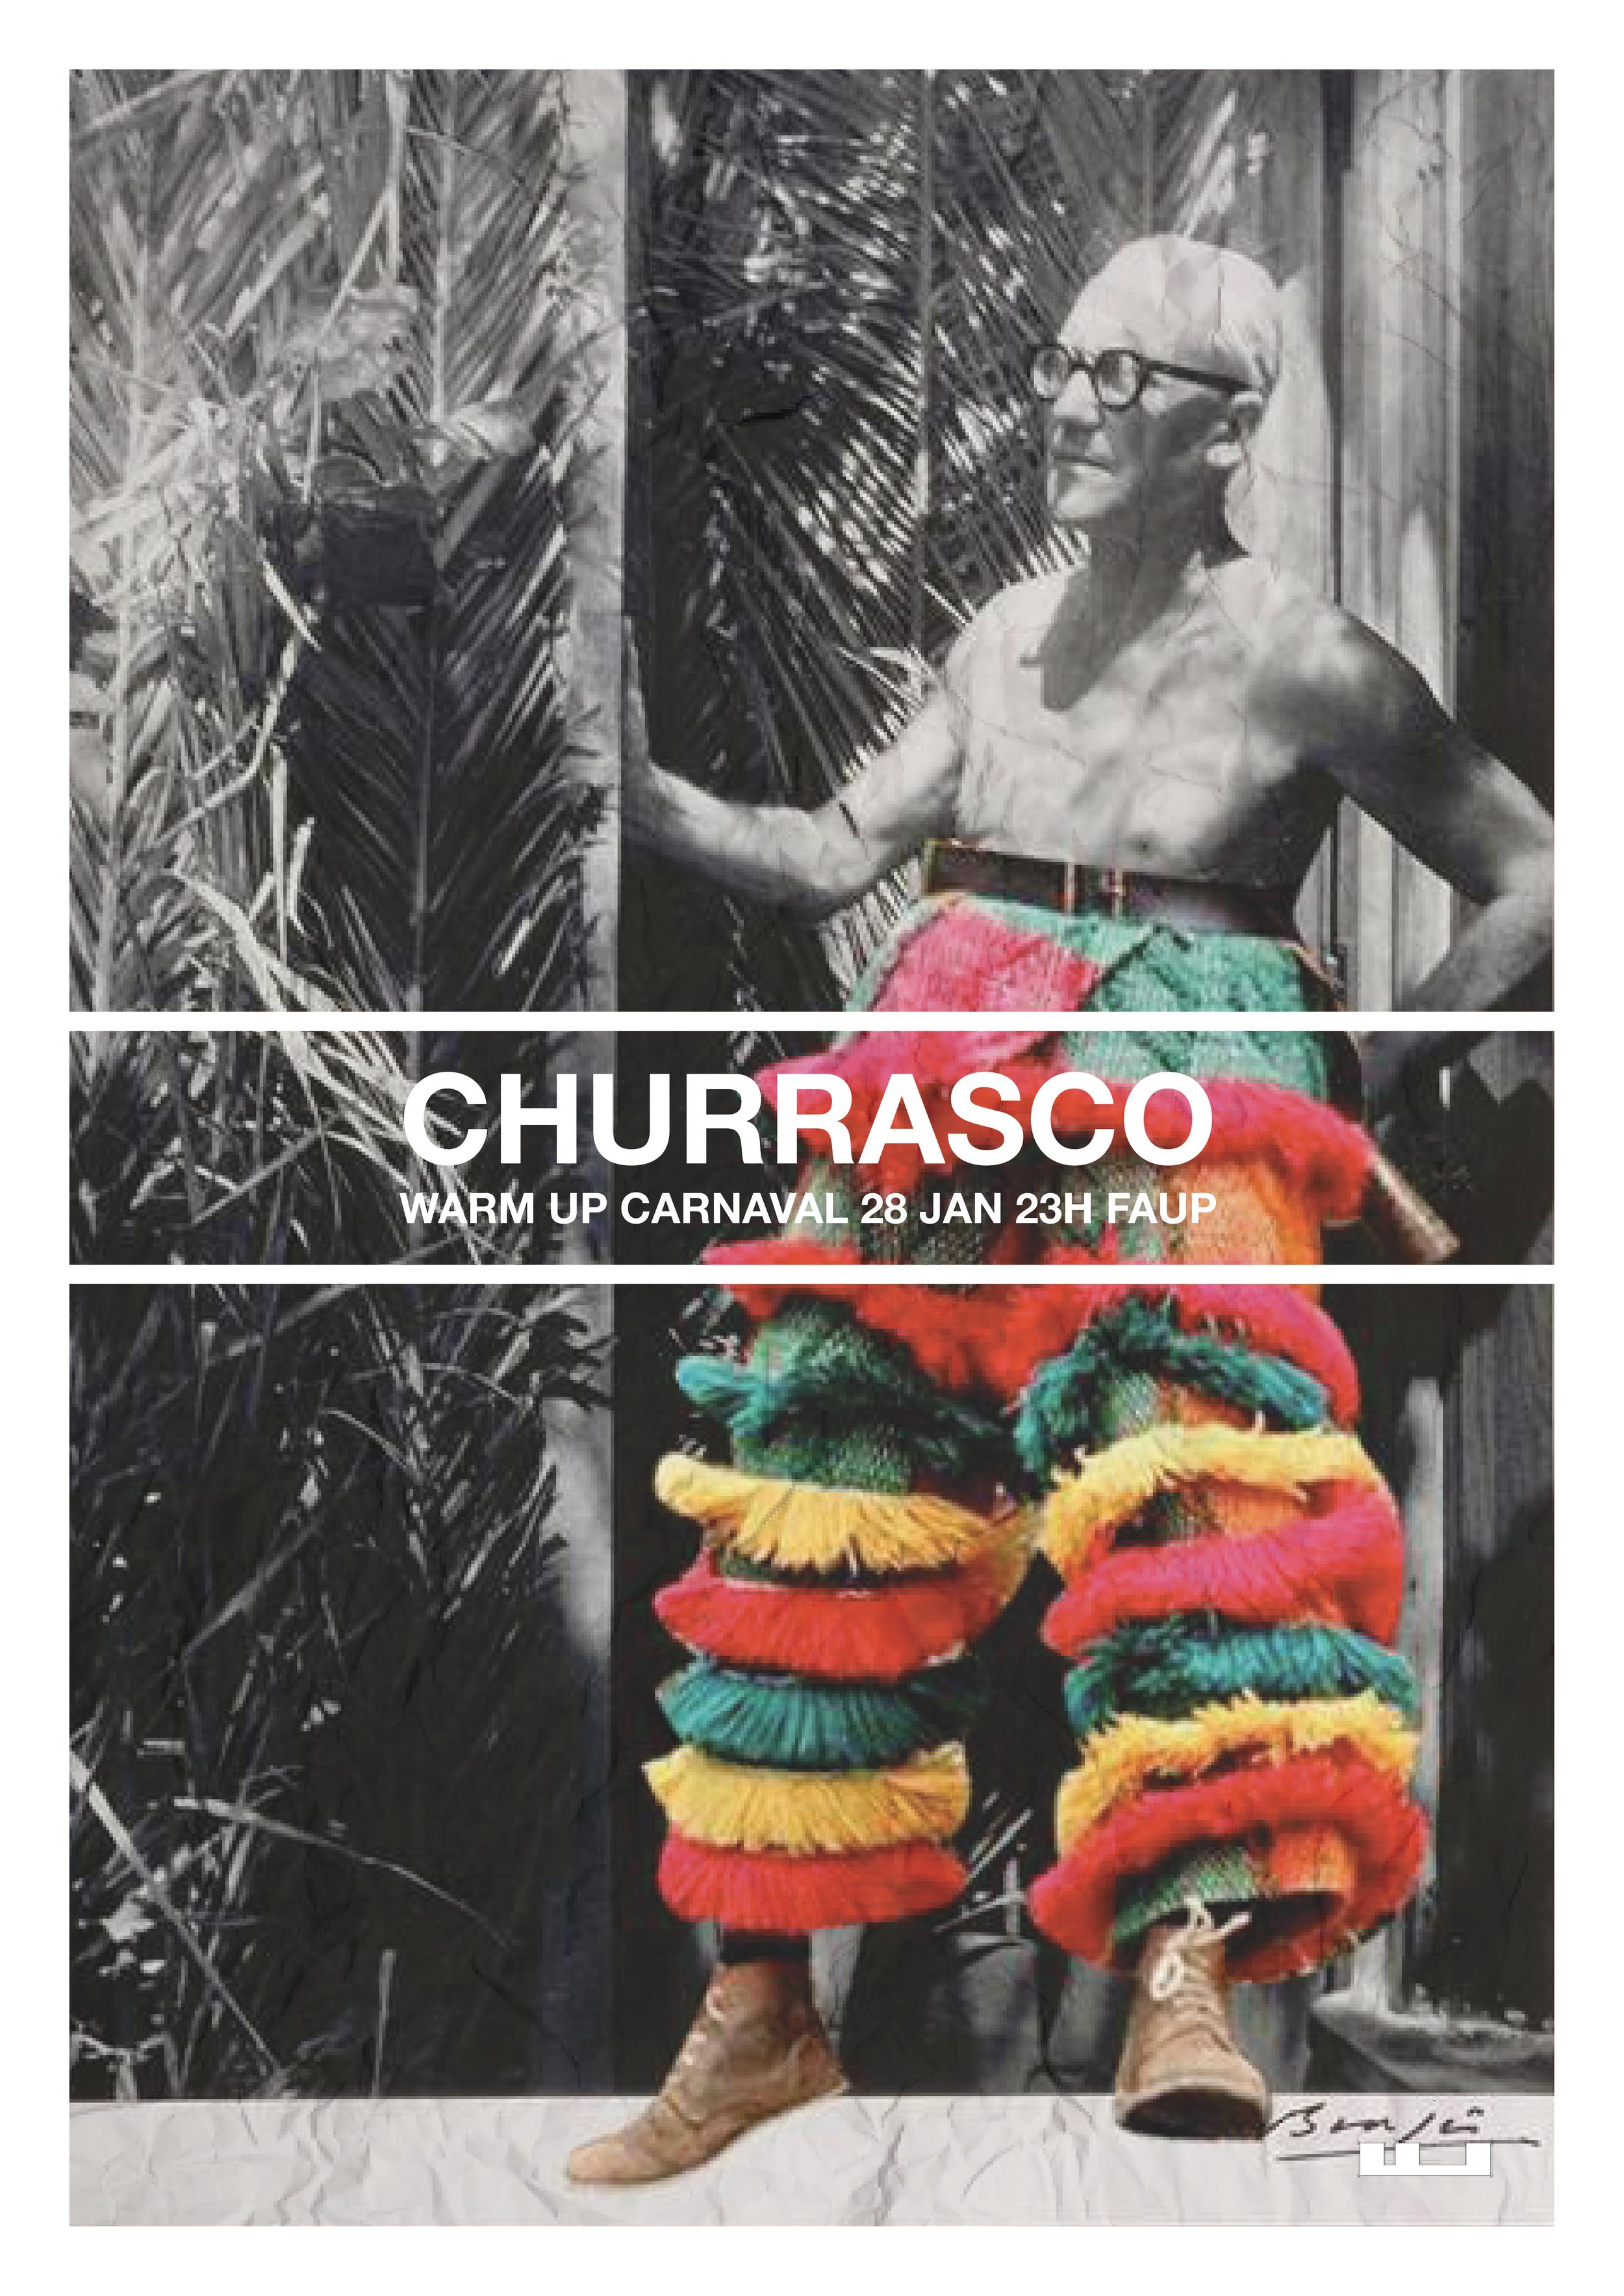 Churrasco de Carnaval 2016